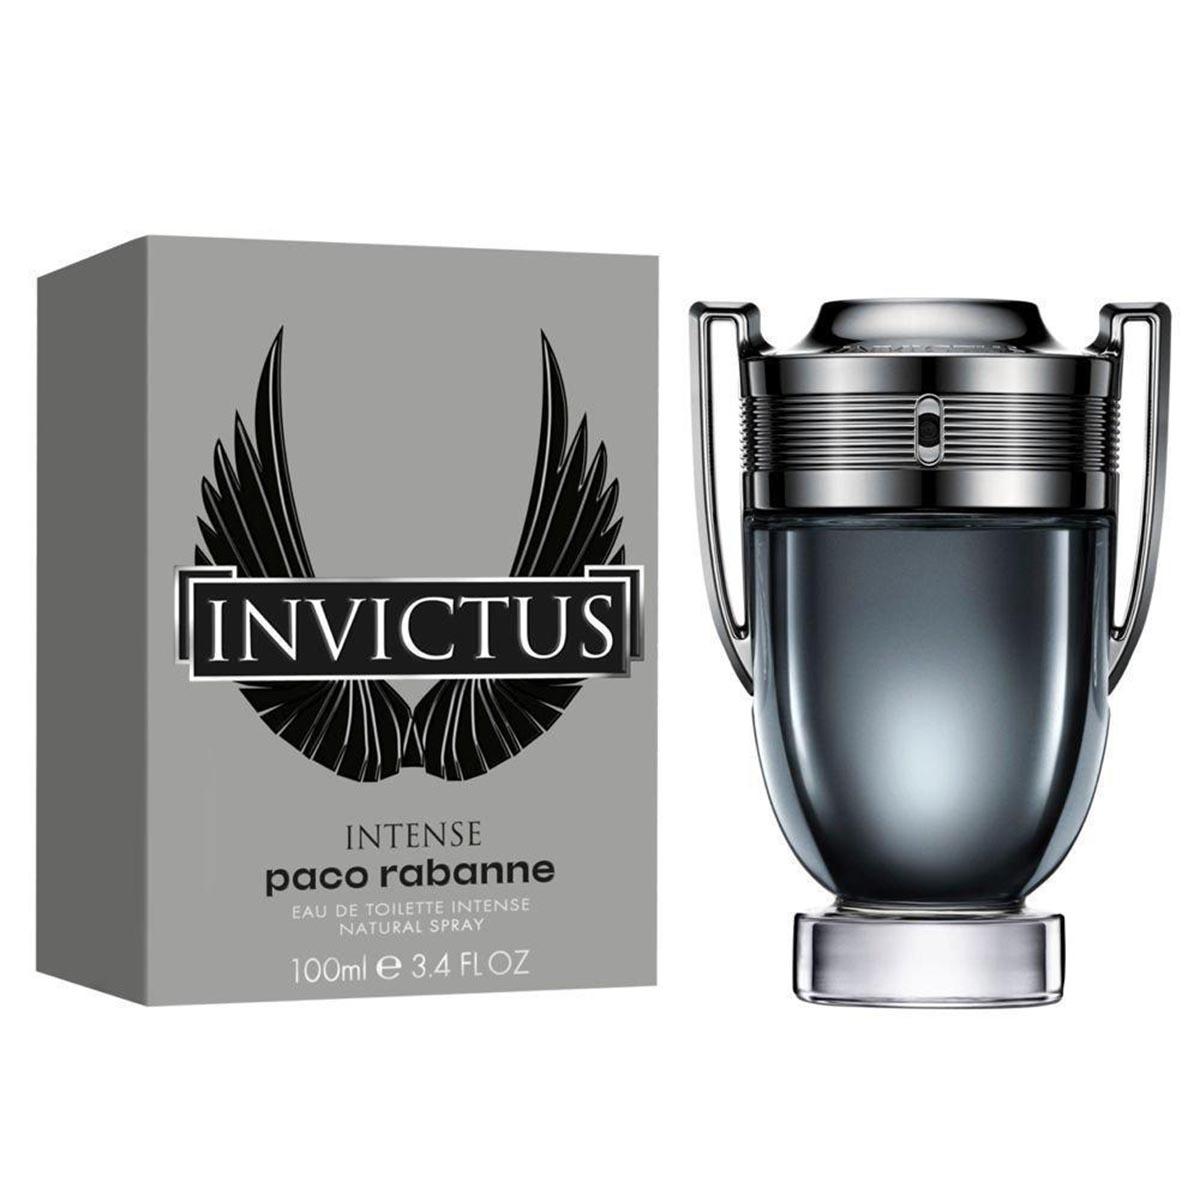 Paco rabanne invictus intense eau de toilette 100ml vaporizador